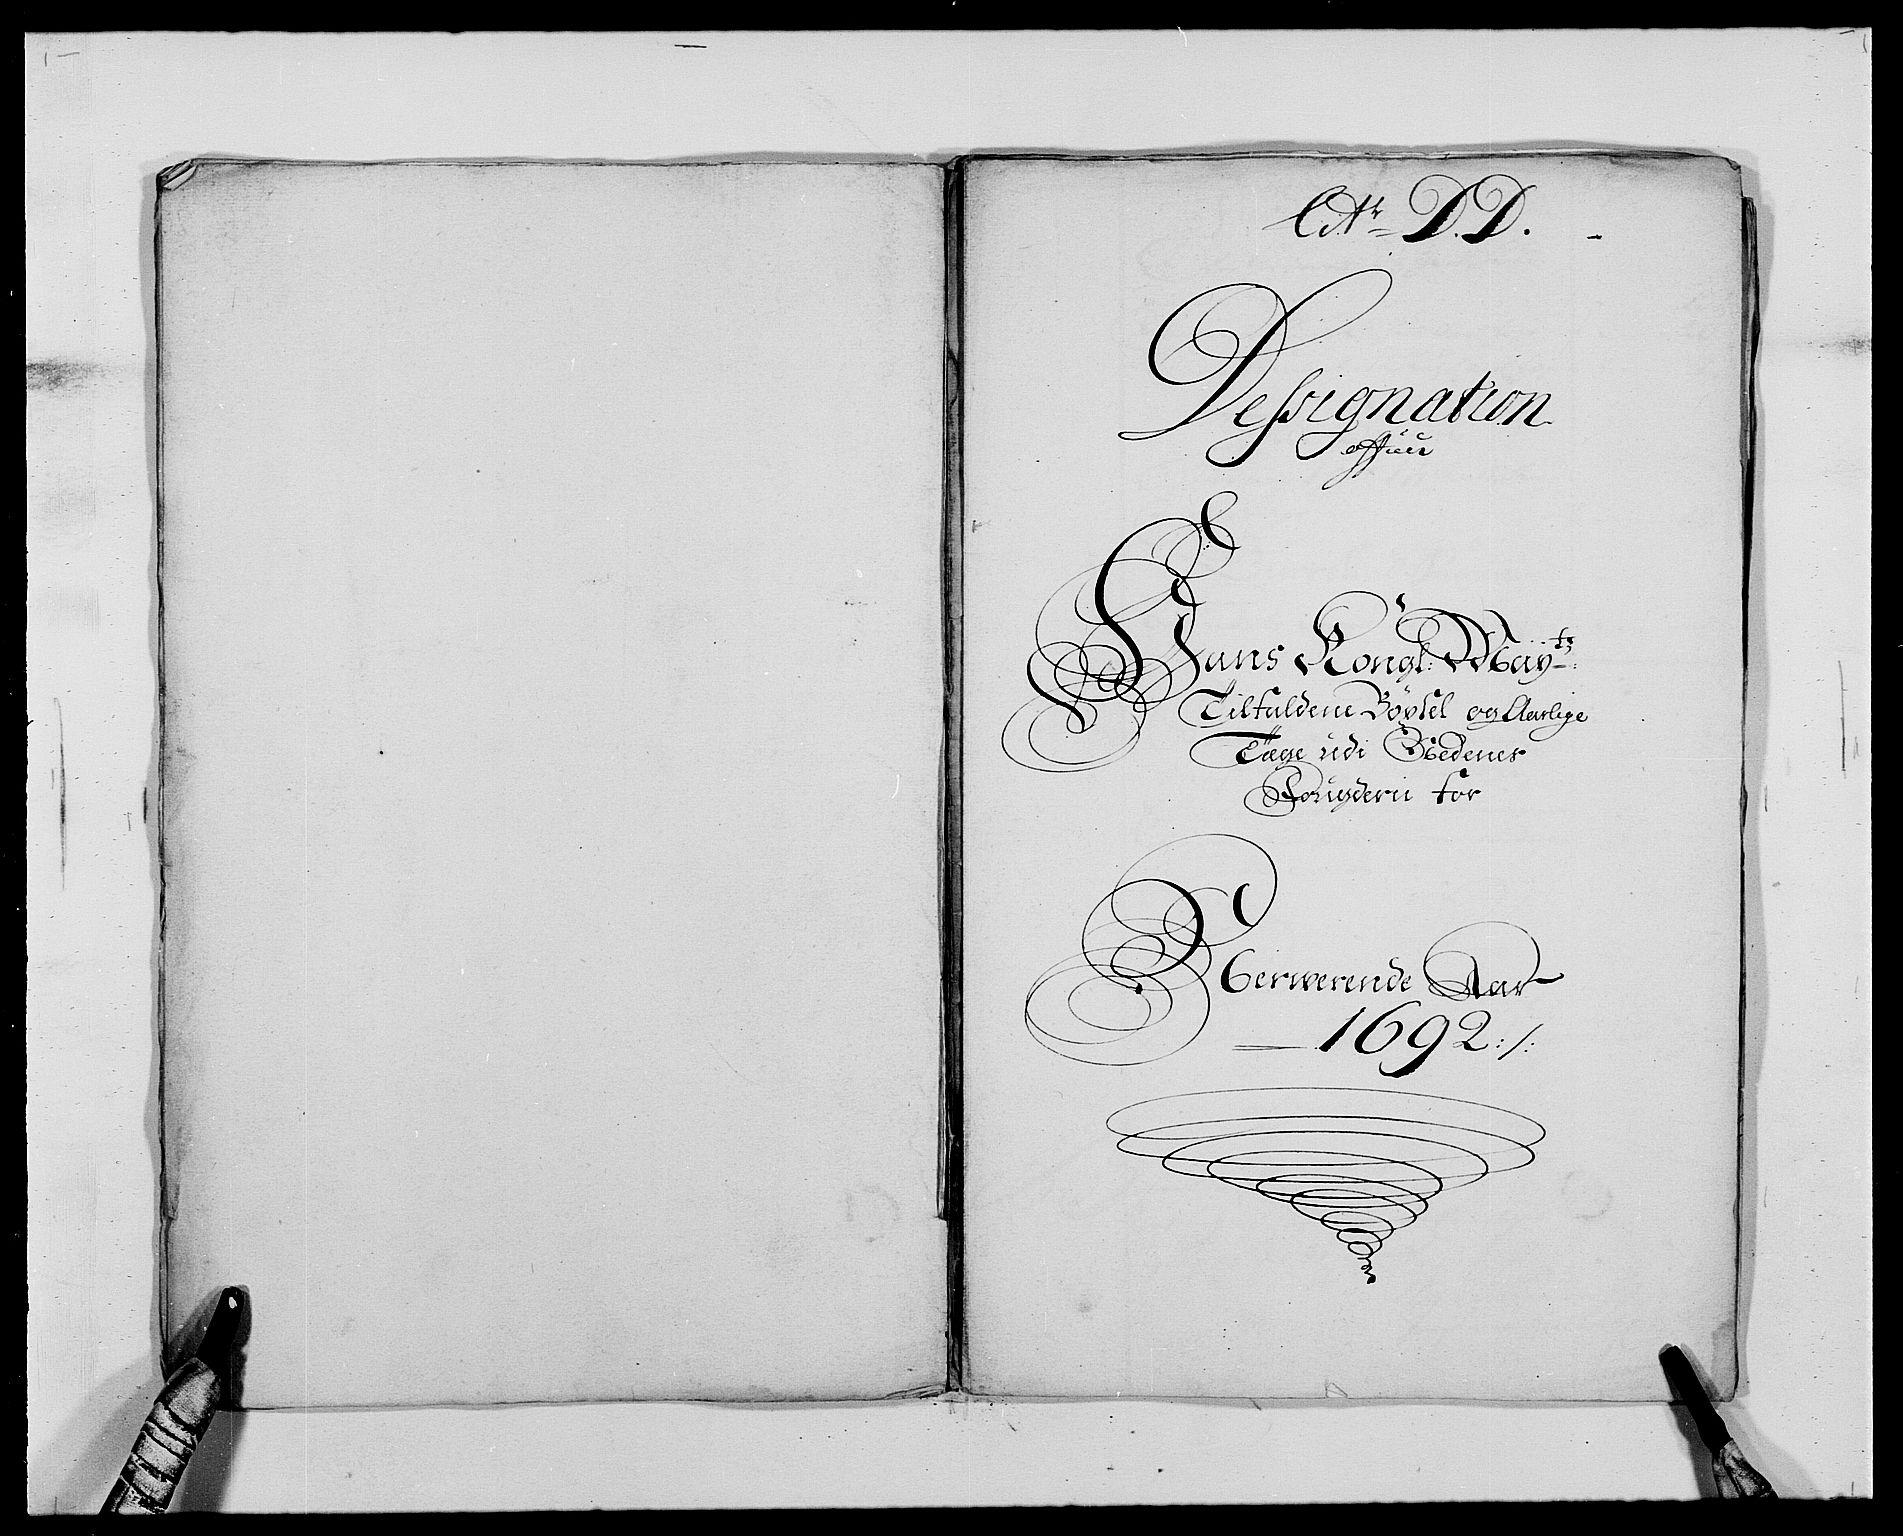 RA, Rentekammeret inntil 1814, Reviderte regnskaper, Fogderegnskap, R39/L2311: Fogderegnskap Nedenes, 1690-1692, s. 154